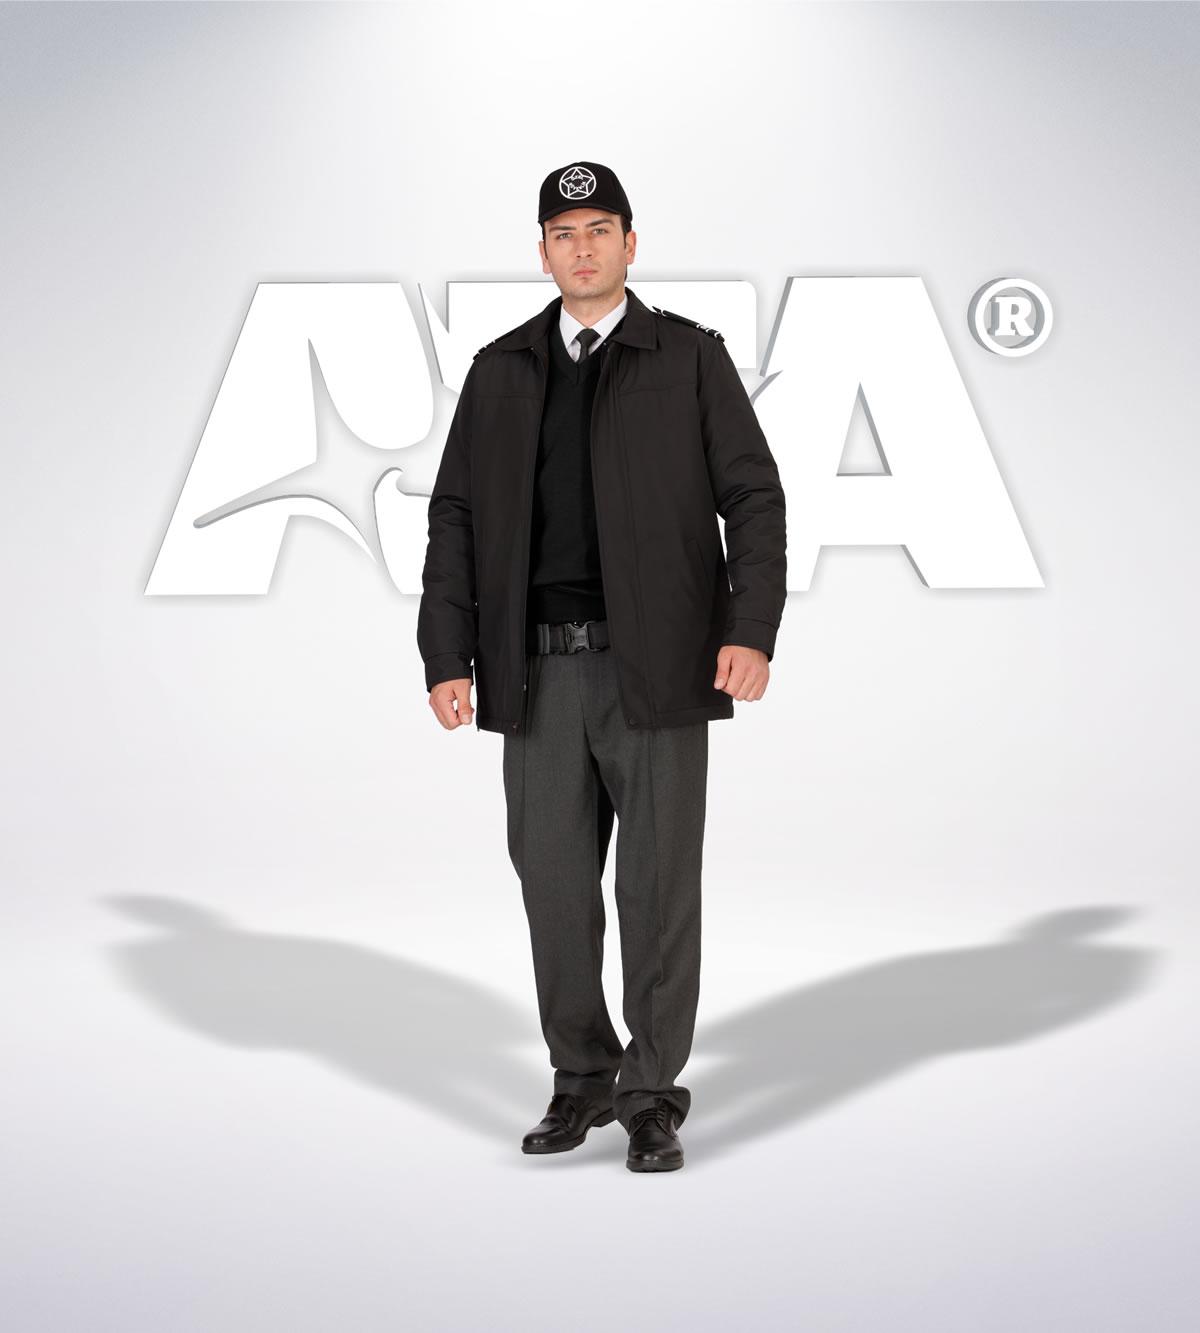 ATA 160 - ön - Pantolon kışlık - mont - aksesuar reflektör - güvenlik elbiseleri | güvenlik üniformaları | güvenlik kıyafetleri